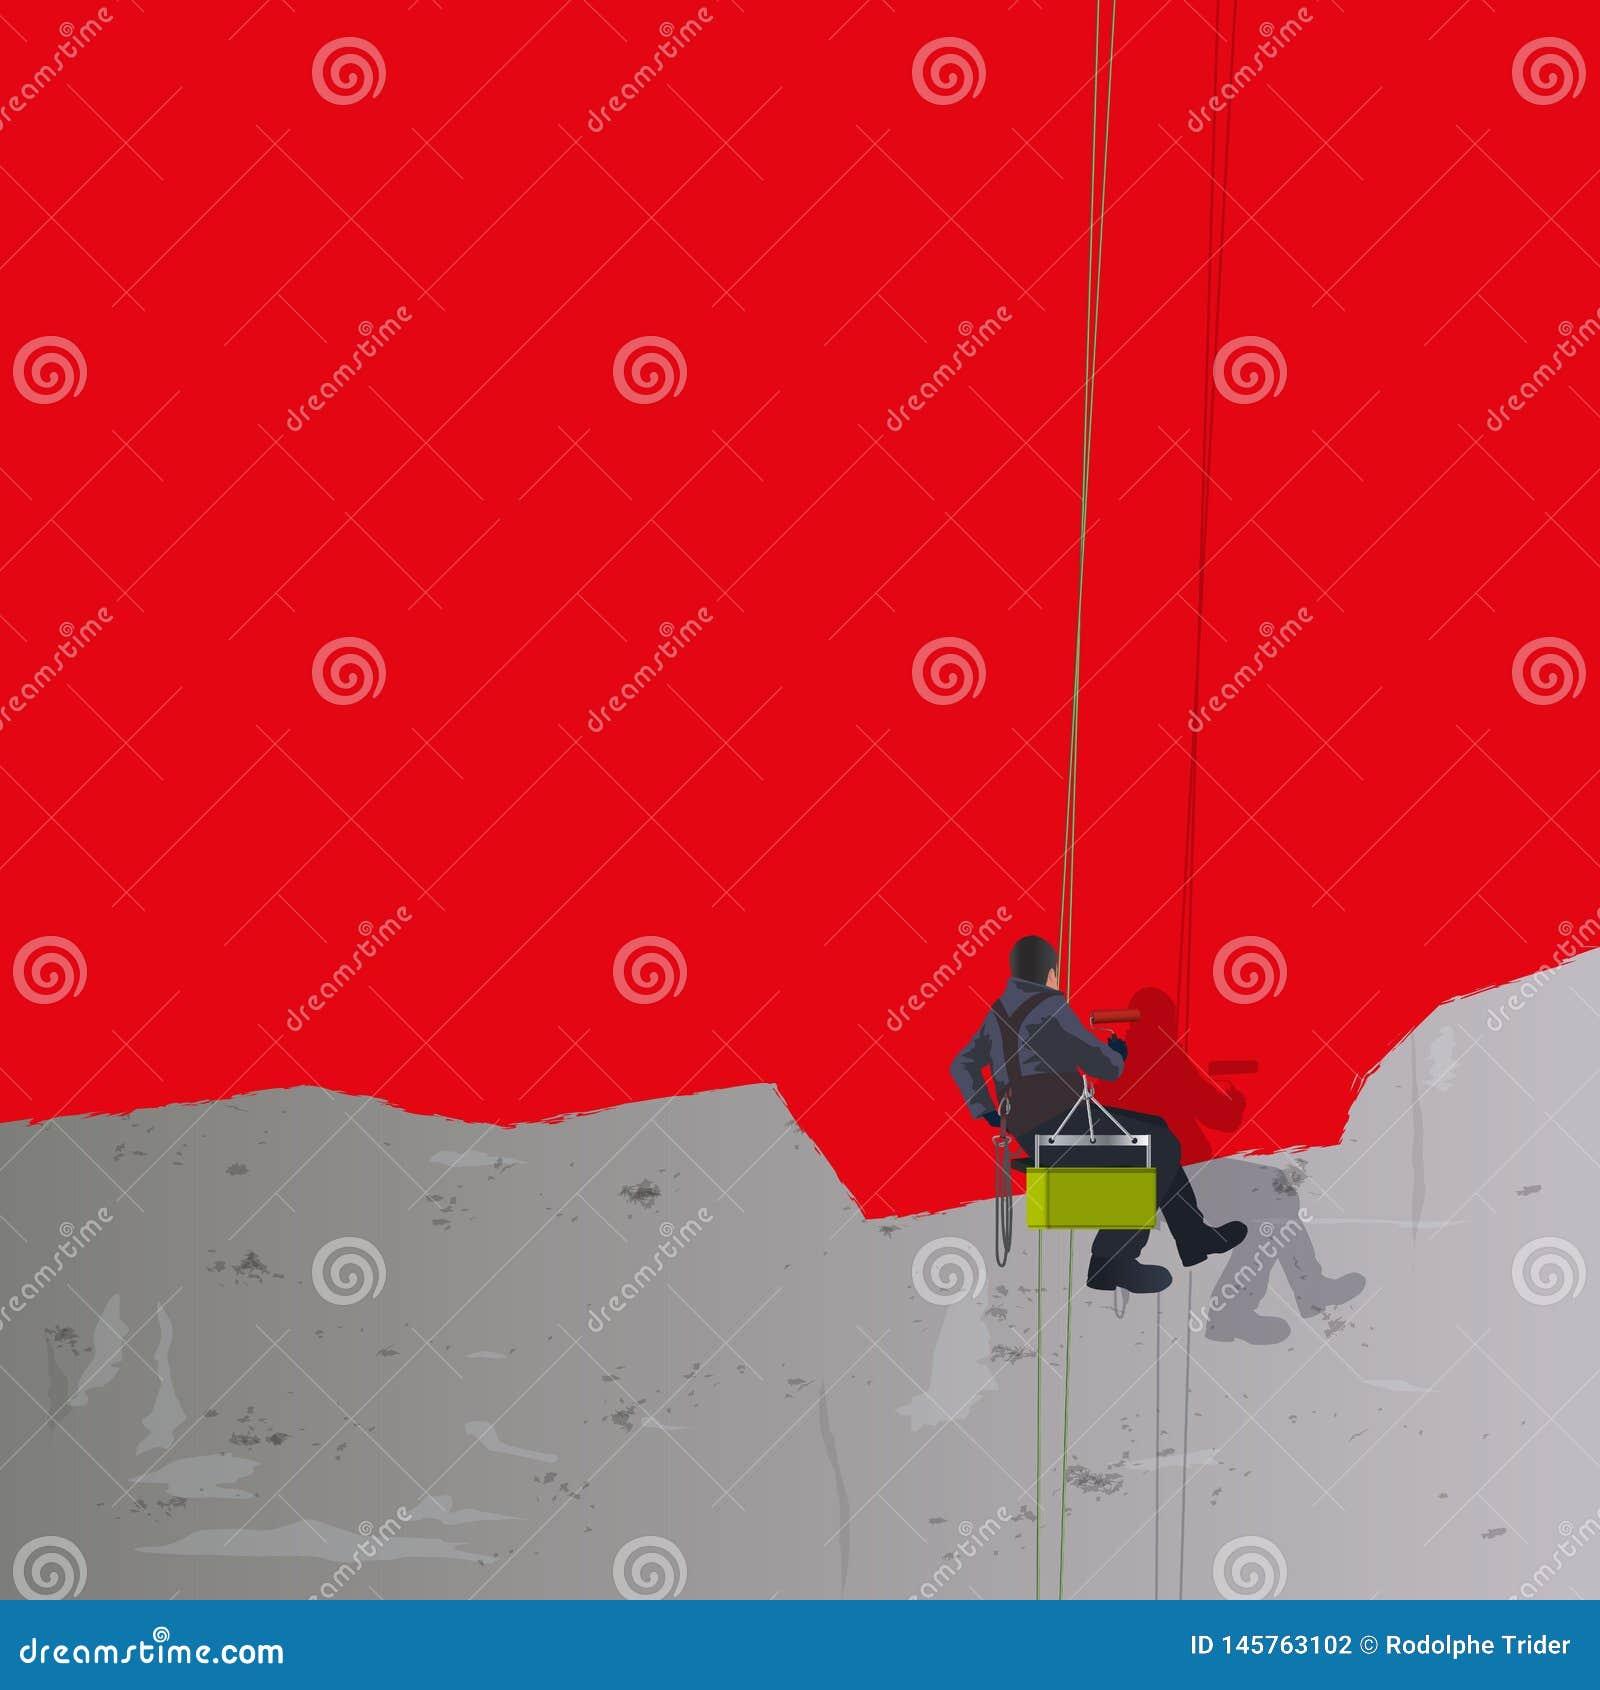 Fondo rosso con un imbianchino che ridipinge un muro di cemento